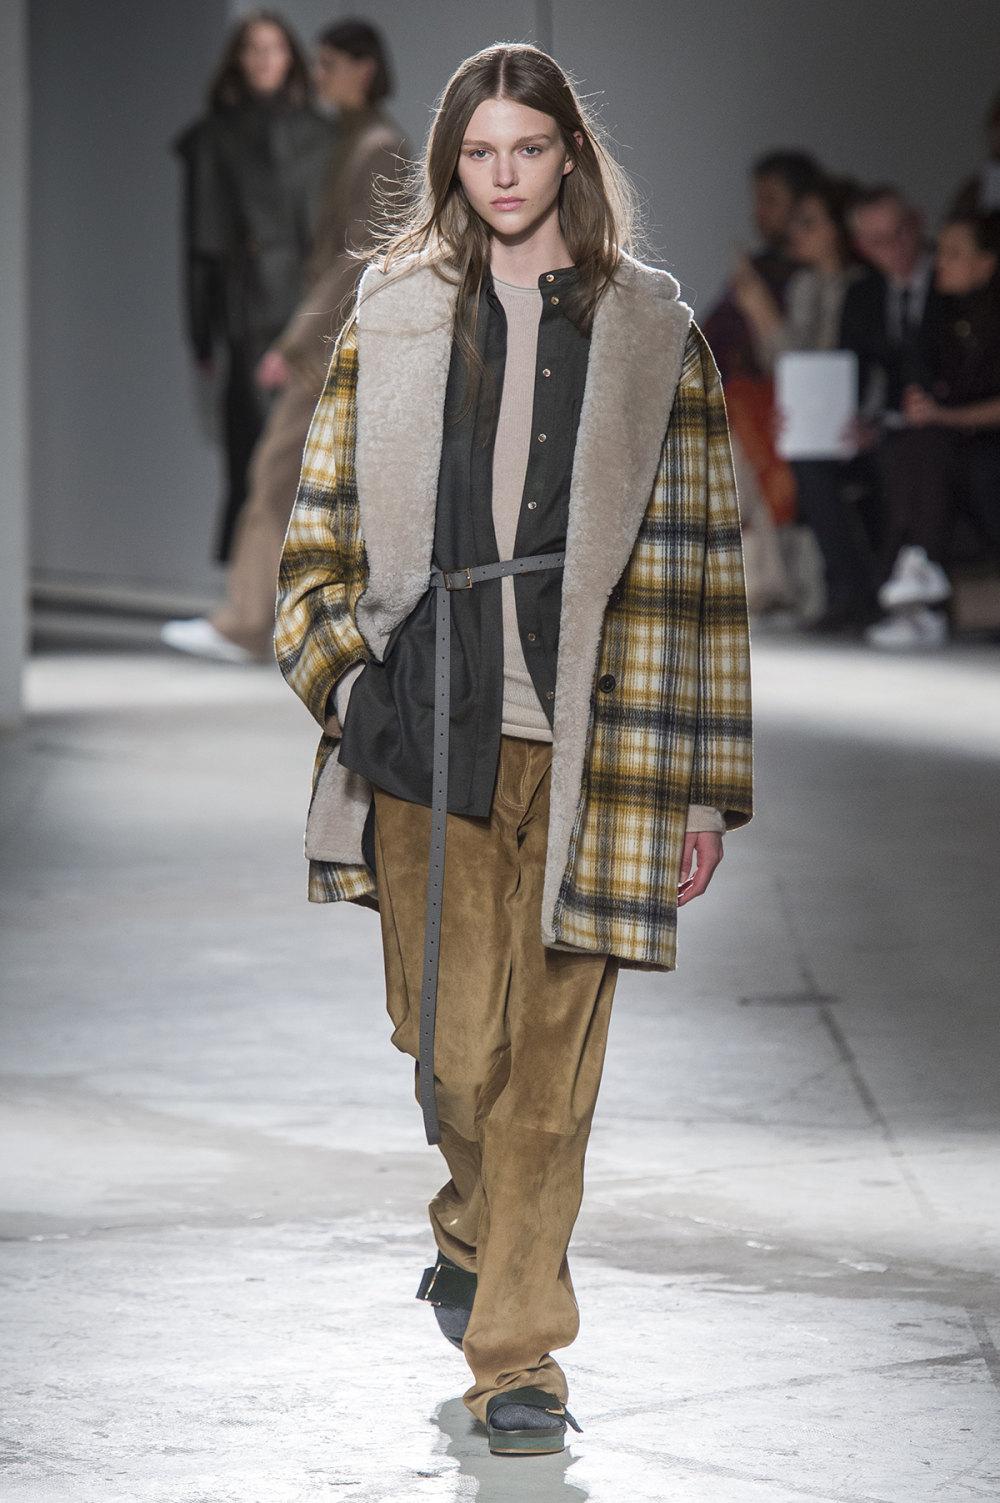 Agnona时装系列有纹理外套长而瘦有些穿着浴袍宽腿裤套装有巧克力-18.jpg